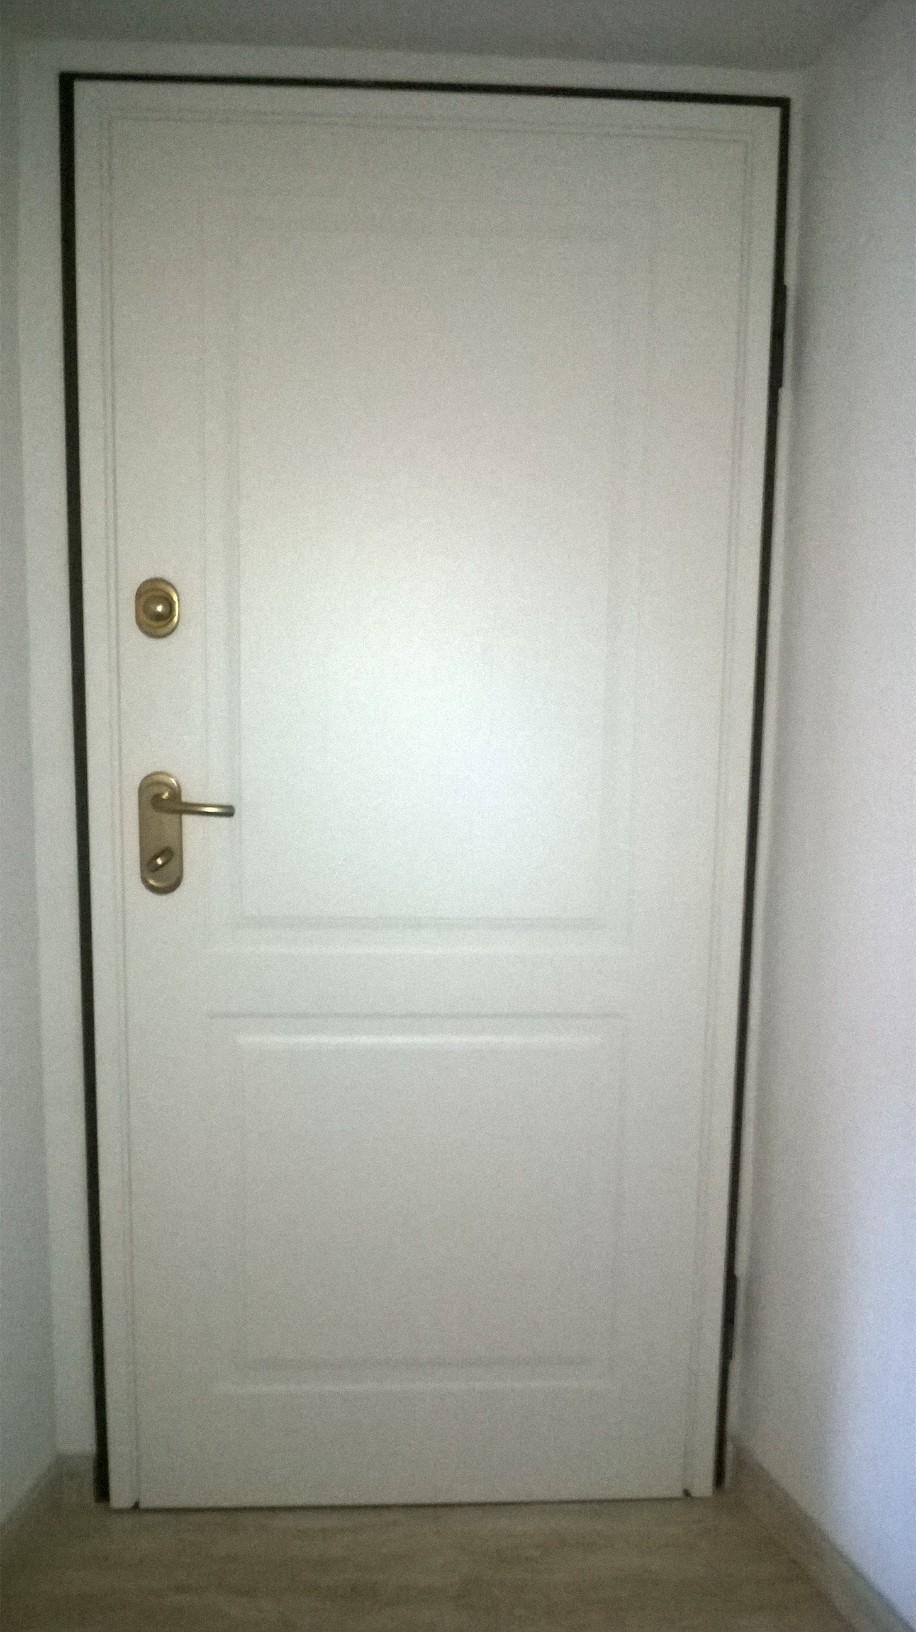 Sostituire Pannello Porta Blindata tersicur - giovanni termite, assistenza porte blindate e